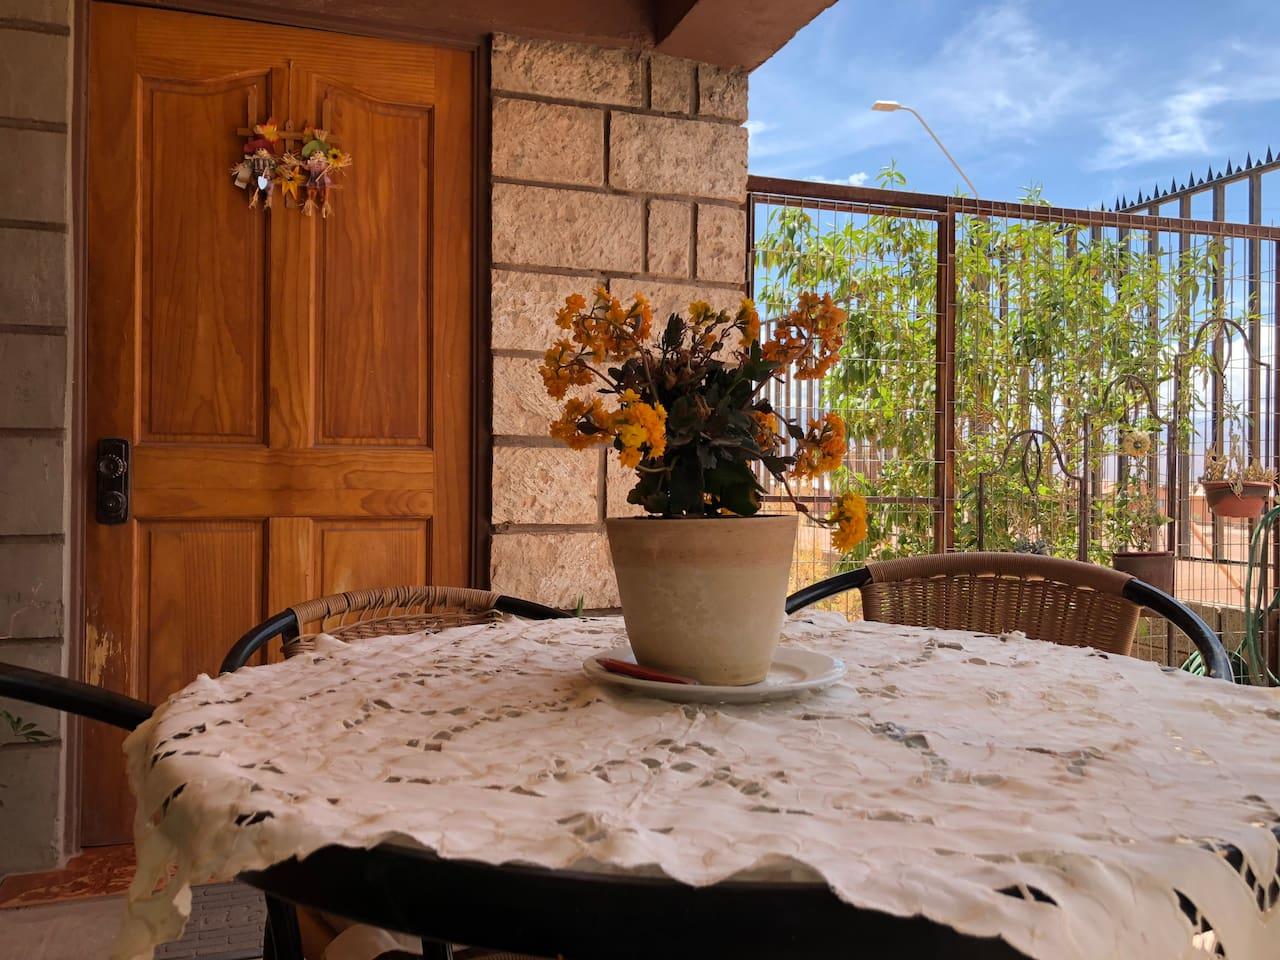 Encontrarás un ambiente familiar, lleno de buenos momentos y energías positivas. Casa totalmente equipada, limpia y acogedora. Te sentirás en casa.